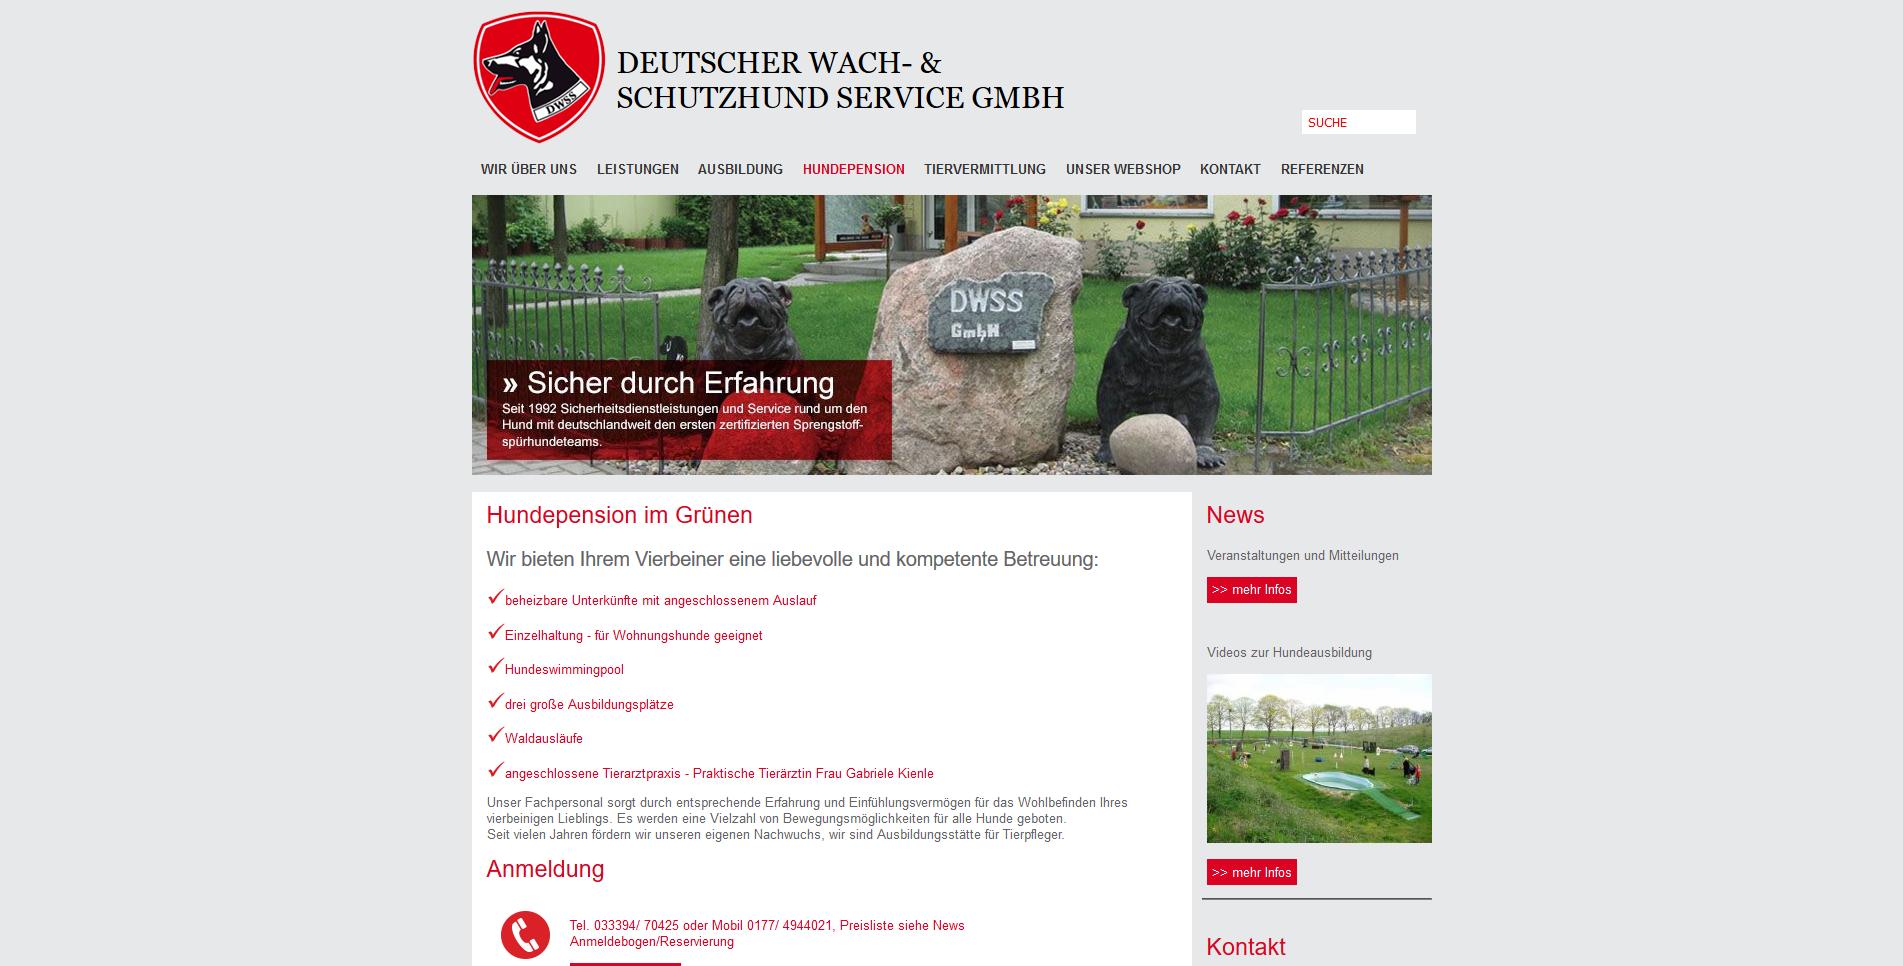 Deutscher Wach- und Schutzhund